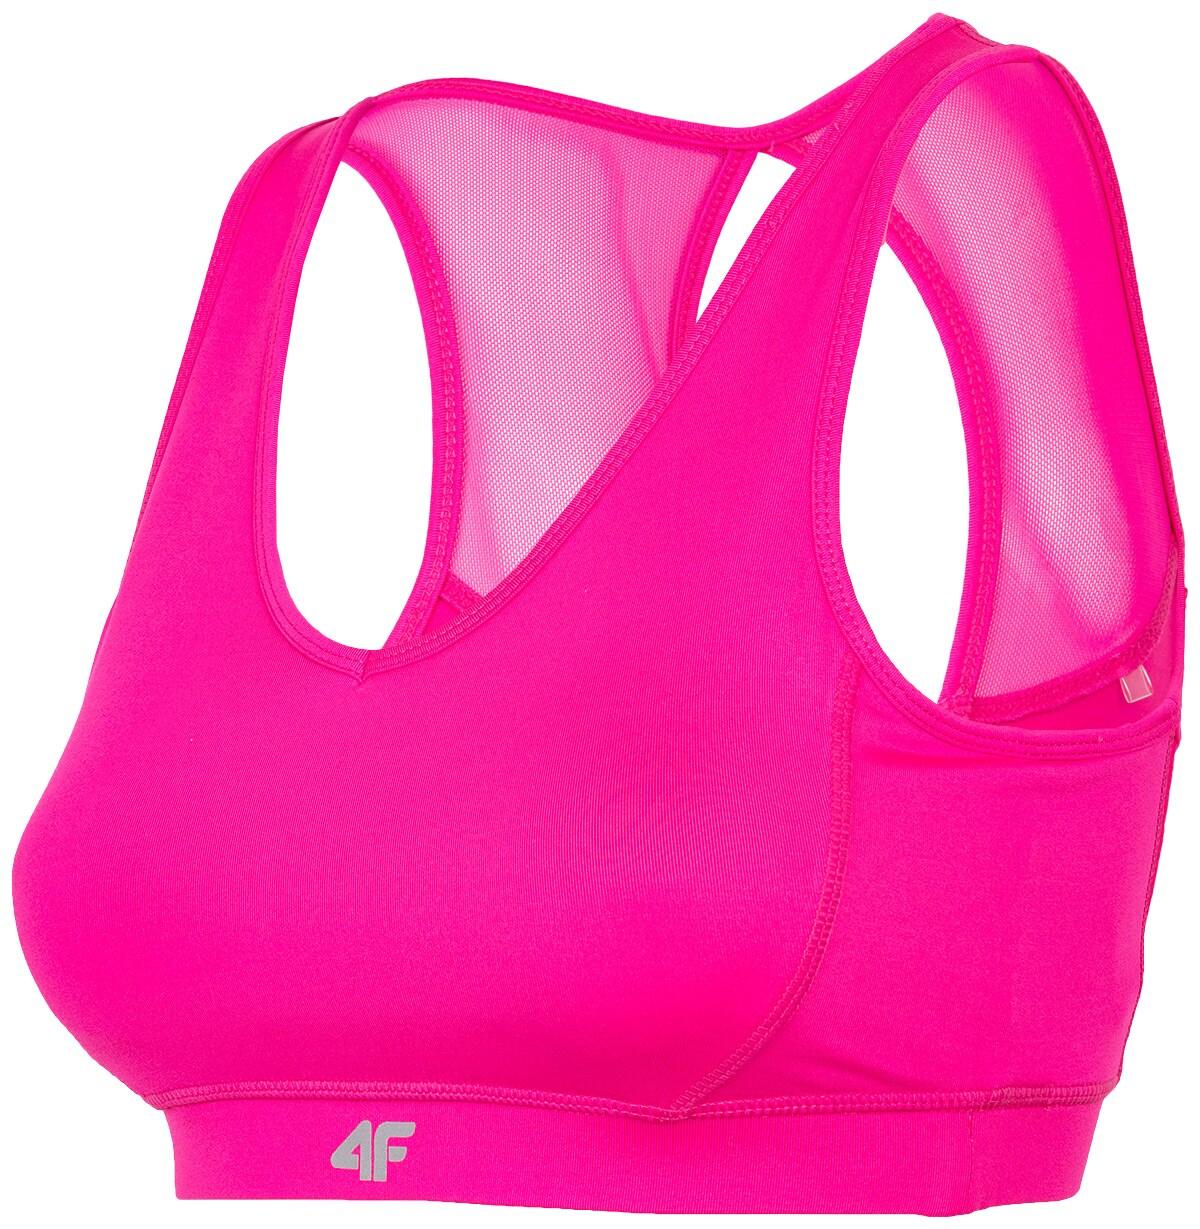 Biustonosz sportowy STAD300 - różowy neon